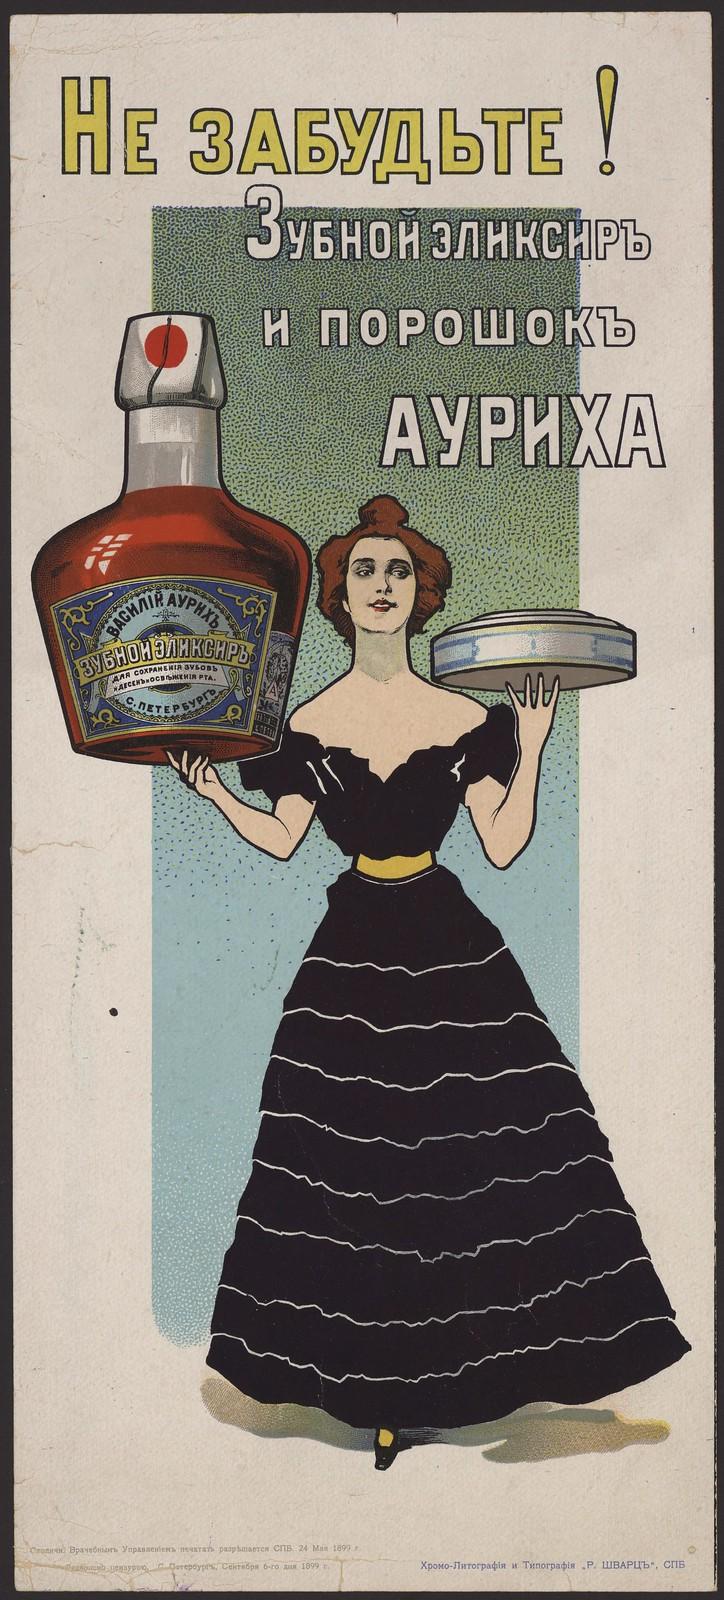 1899. Зубной эликсир и порошок Ауриха.Не забудьте!